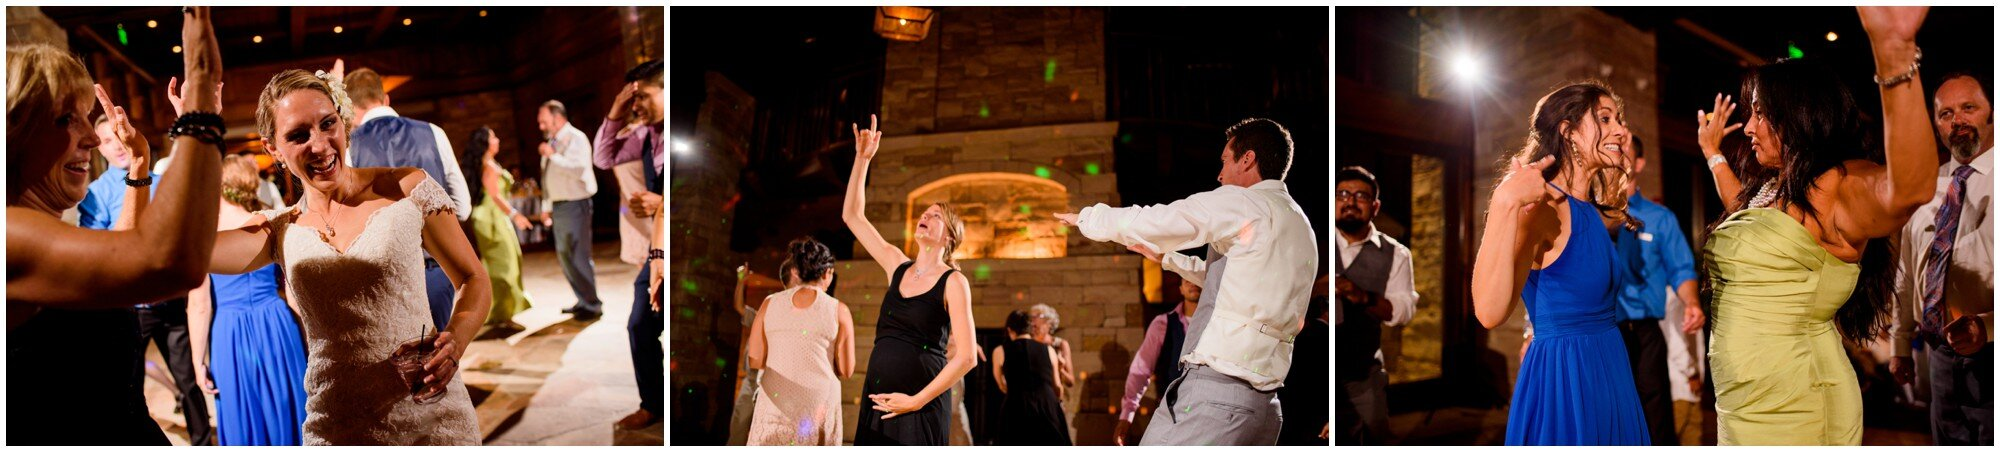 wedding reception in denver, colorado